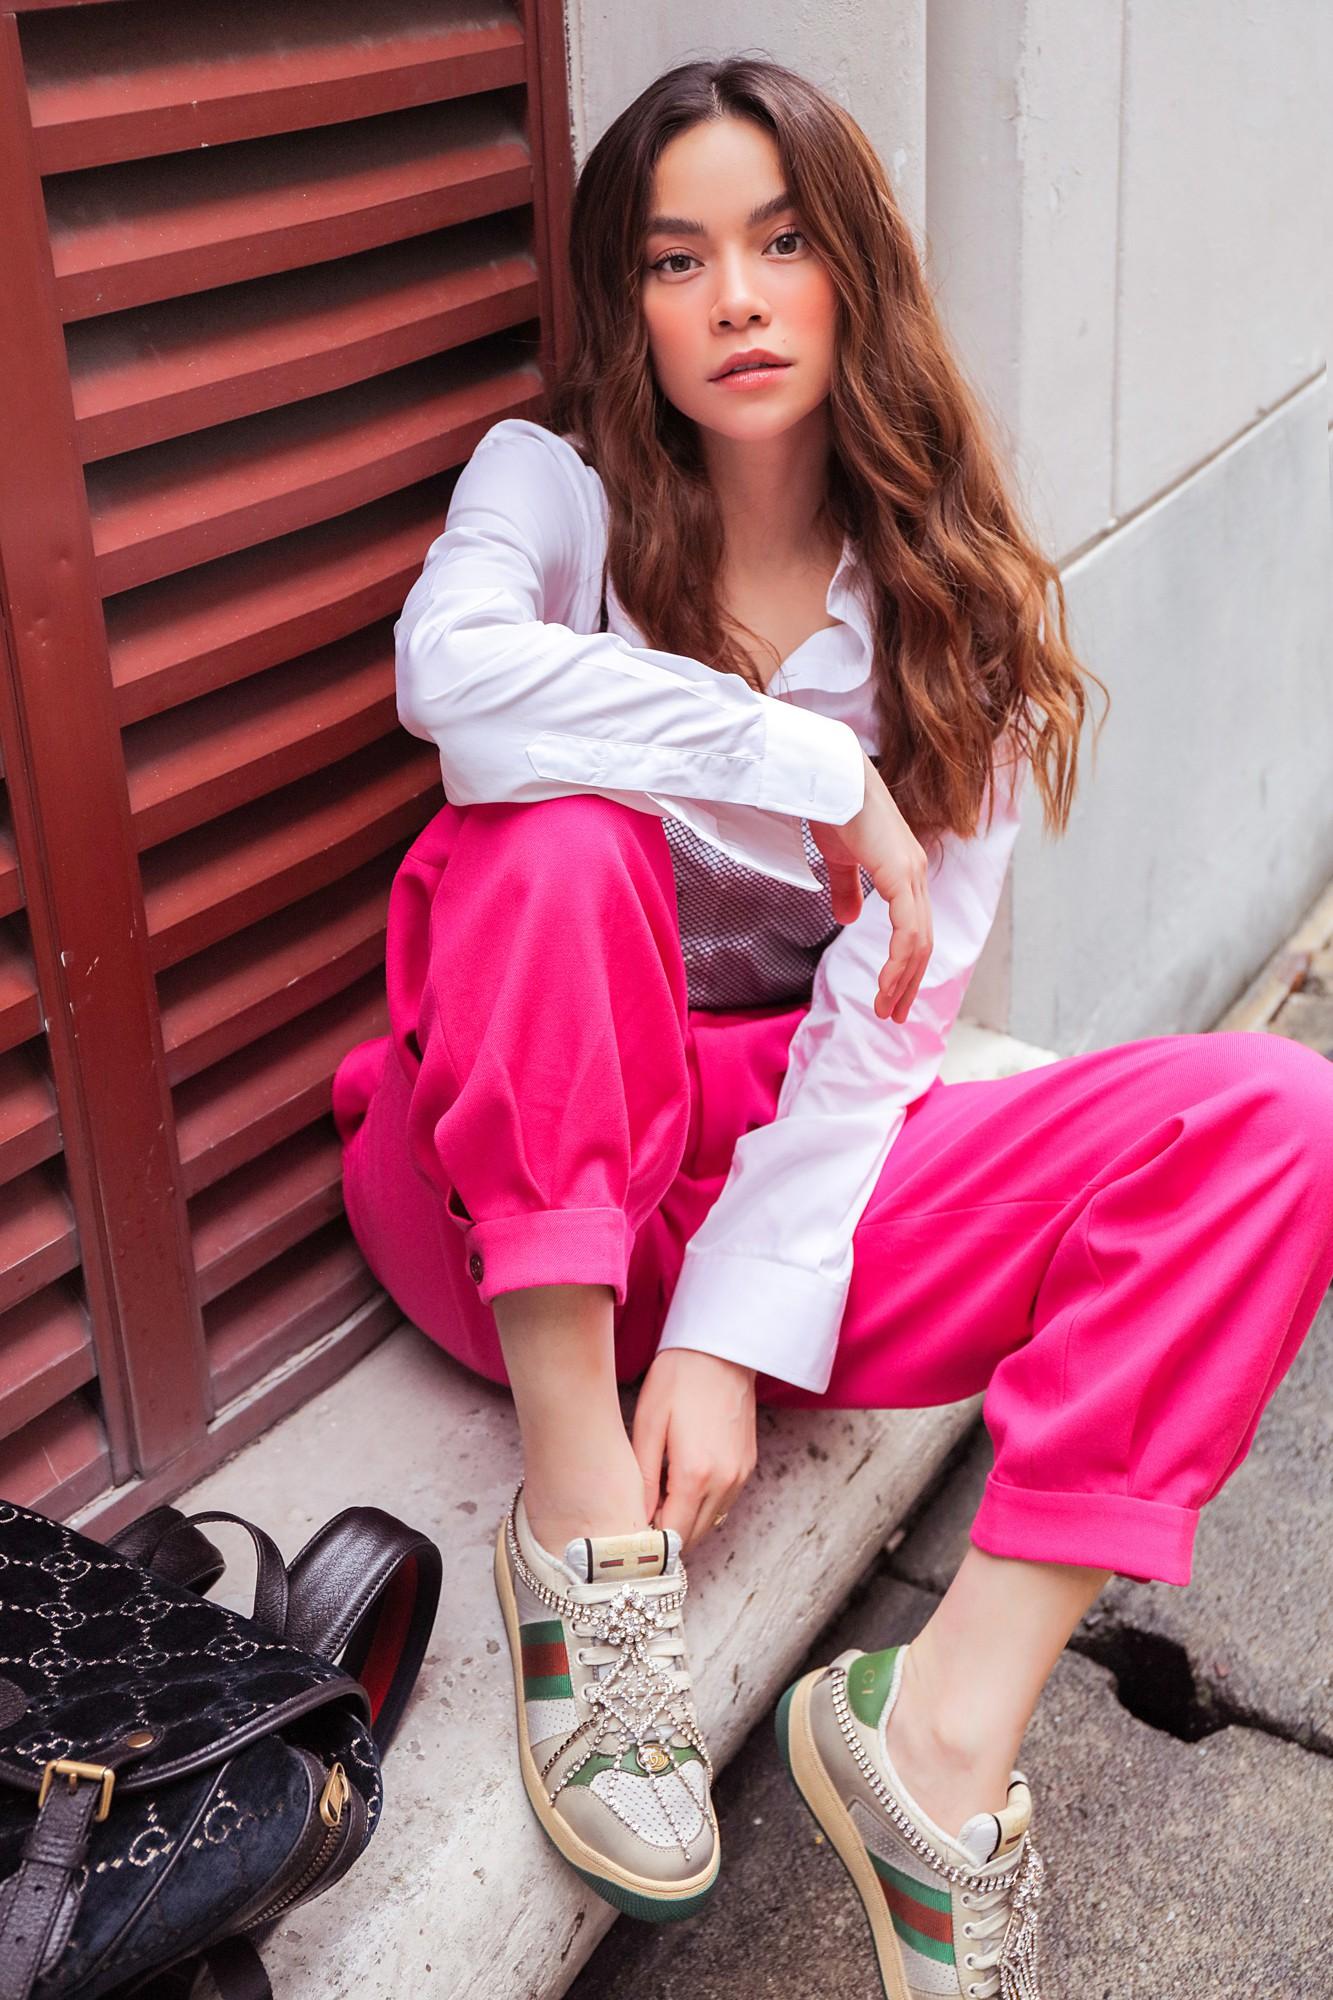 Hồ Ngọc Hà gây chú ý trên đường phố Singapore nhờ street style nổi bật   - Ảnh 5.